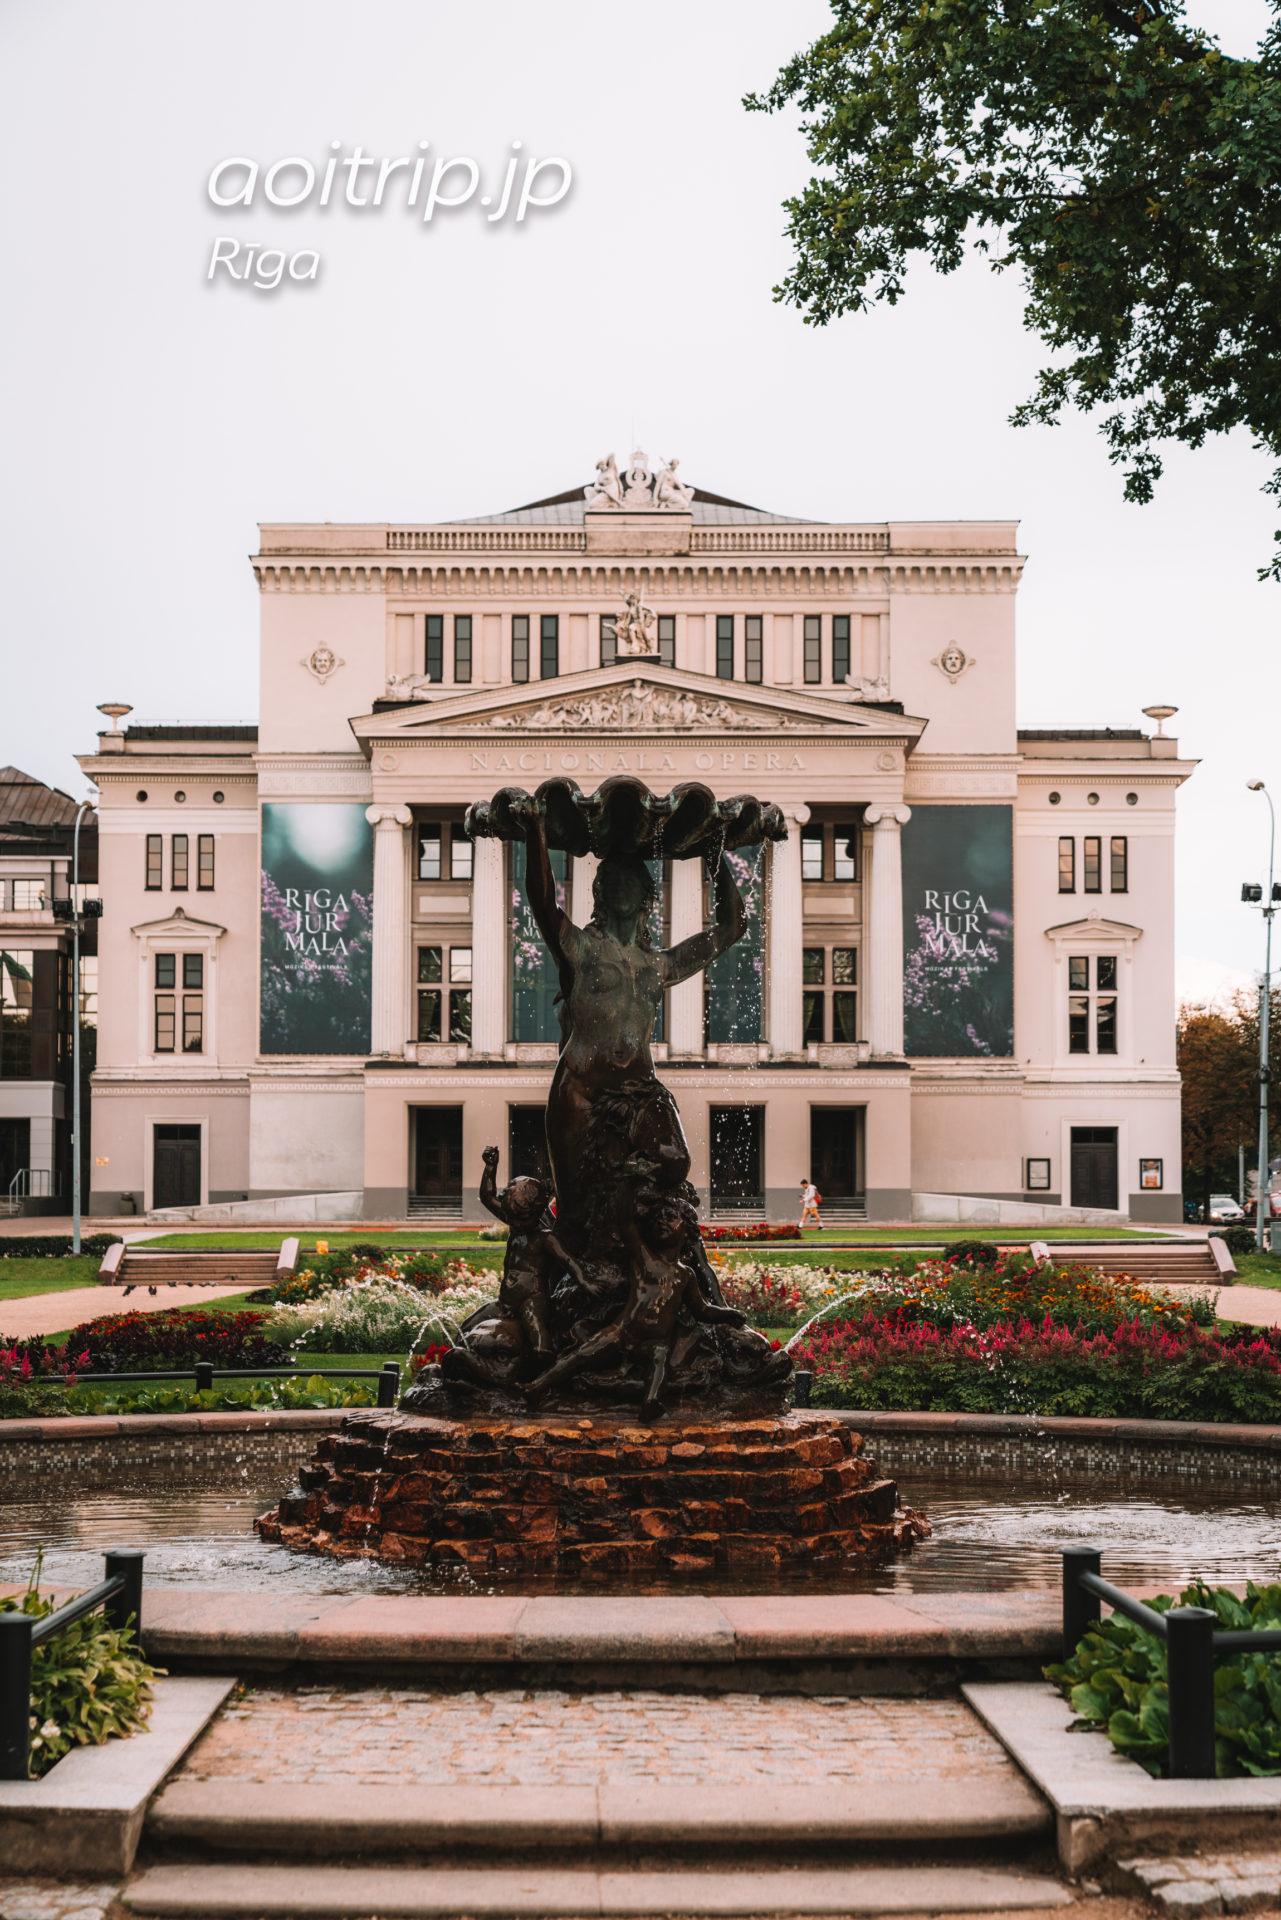 ラトビア リガの国立オペラ座